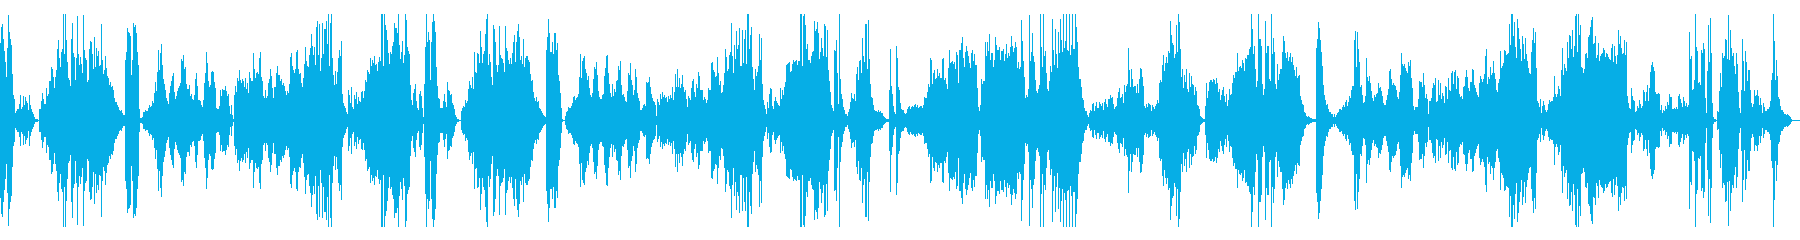 ハンマークラヴィーア ベートーヴェンの再生済みの波形